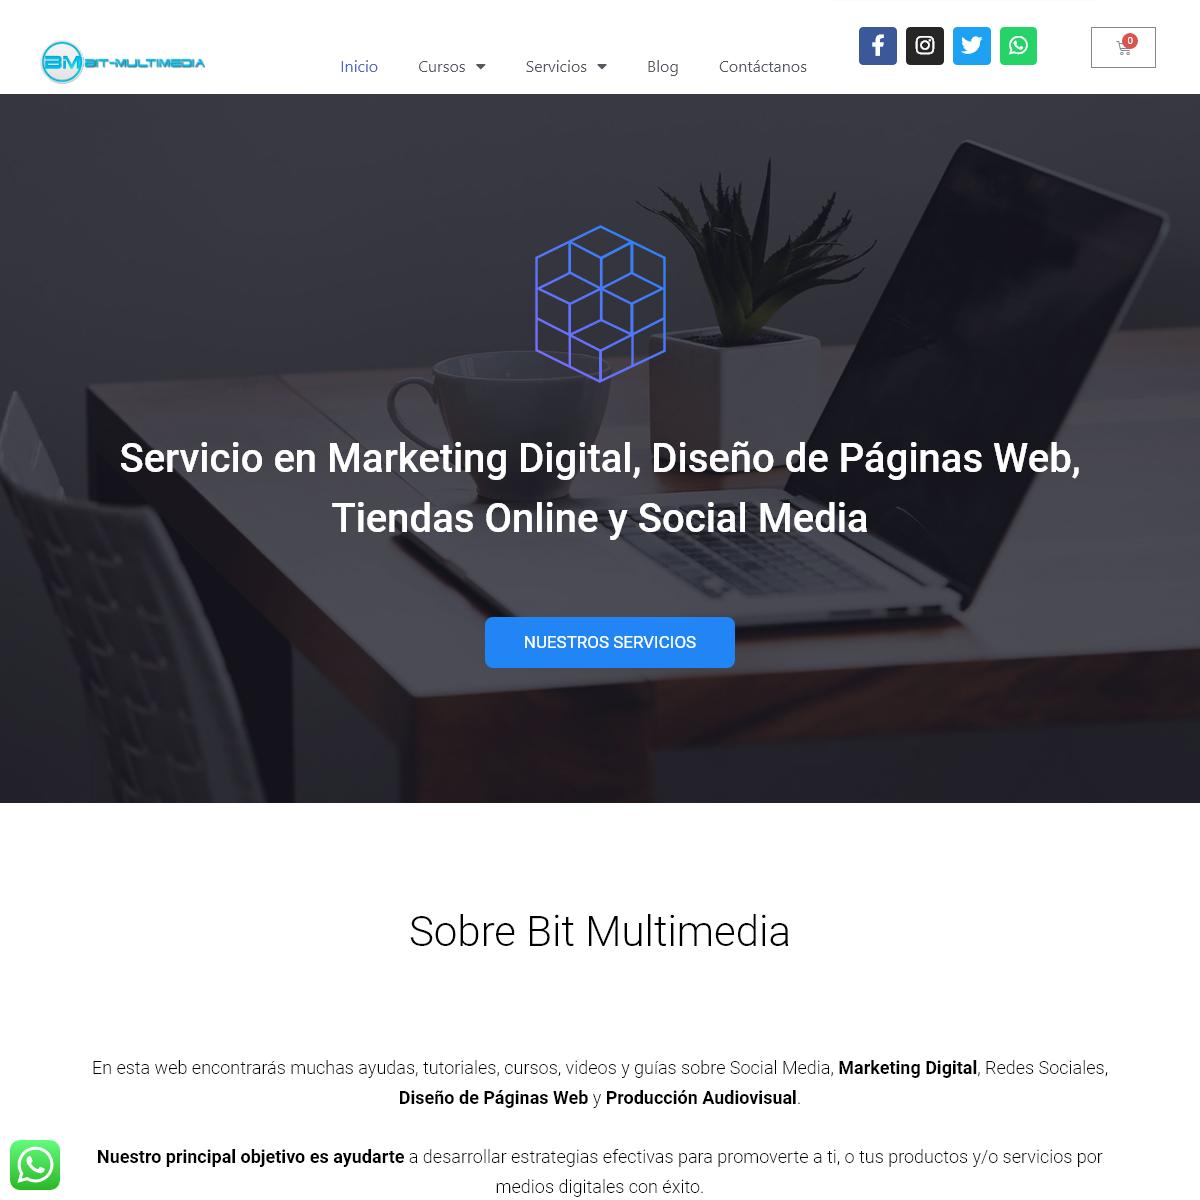 Bit Multimedia Asesoría y Cursos en Marketing Digital - Diseño Web - Audiovisuales